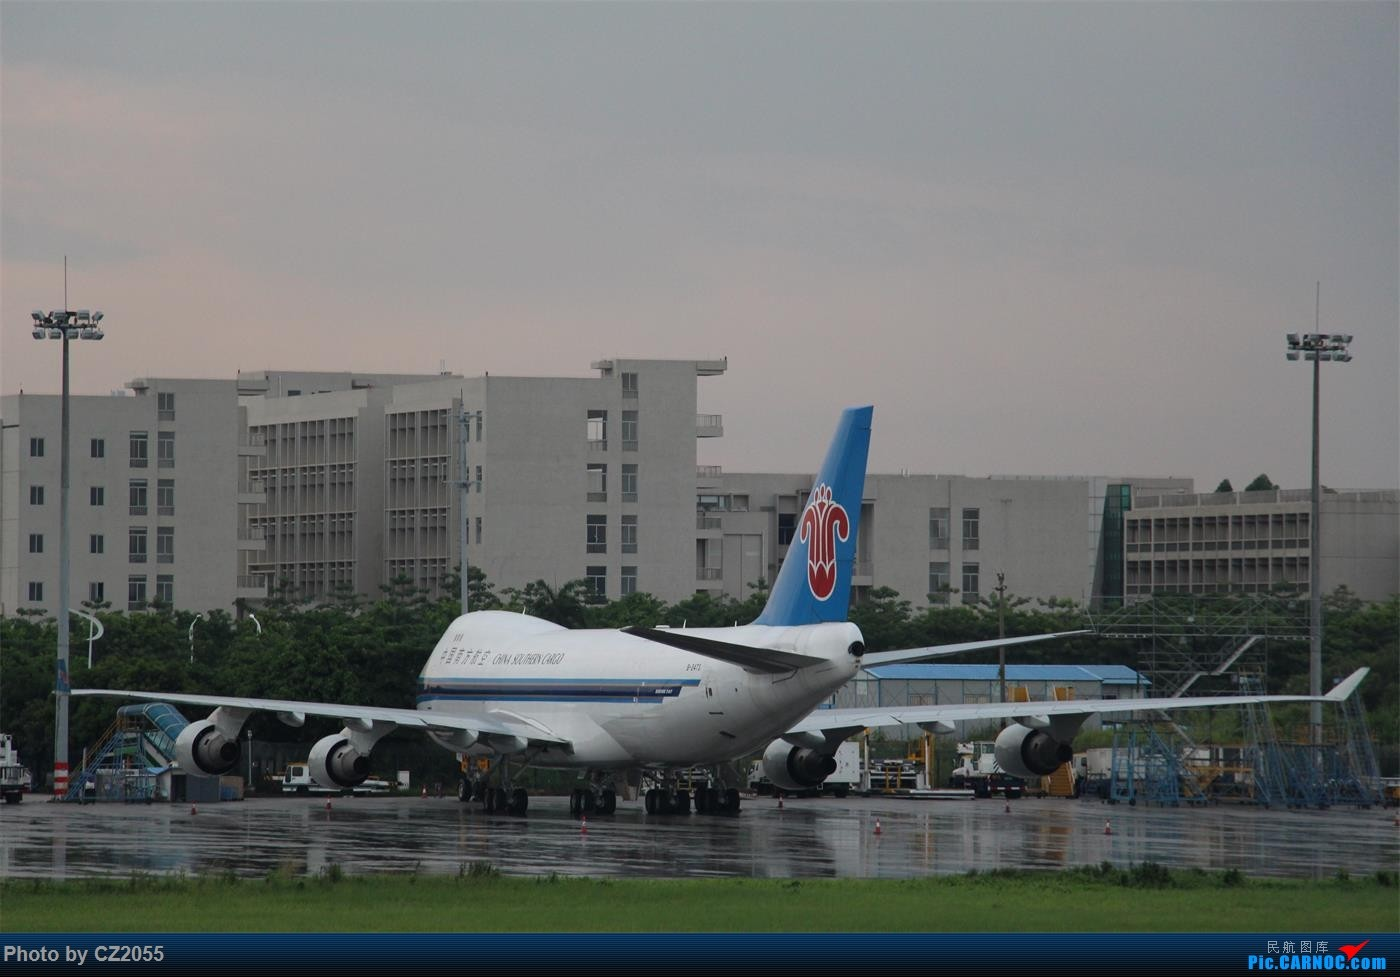 Re:[原创]【广东青少年拍机小队】【C-Z-2055】2015即将结束,来做个总结。 BOEING 747-400F B-2473 中国广州白云国际机场